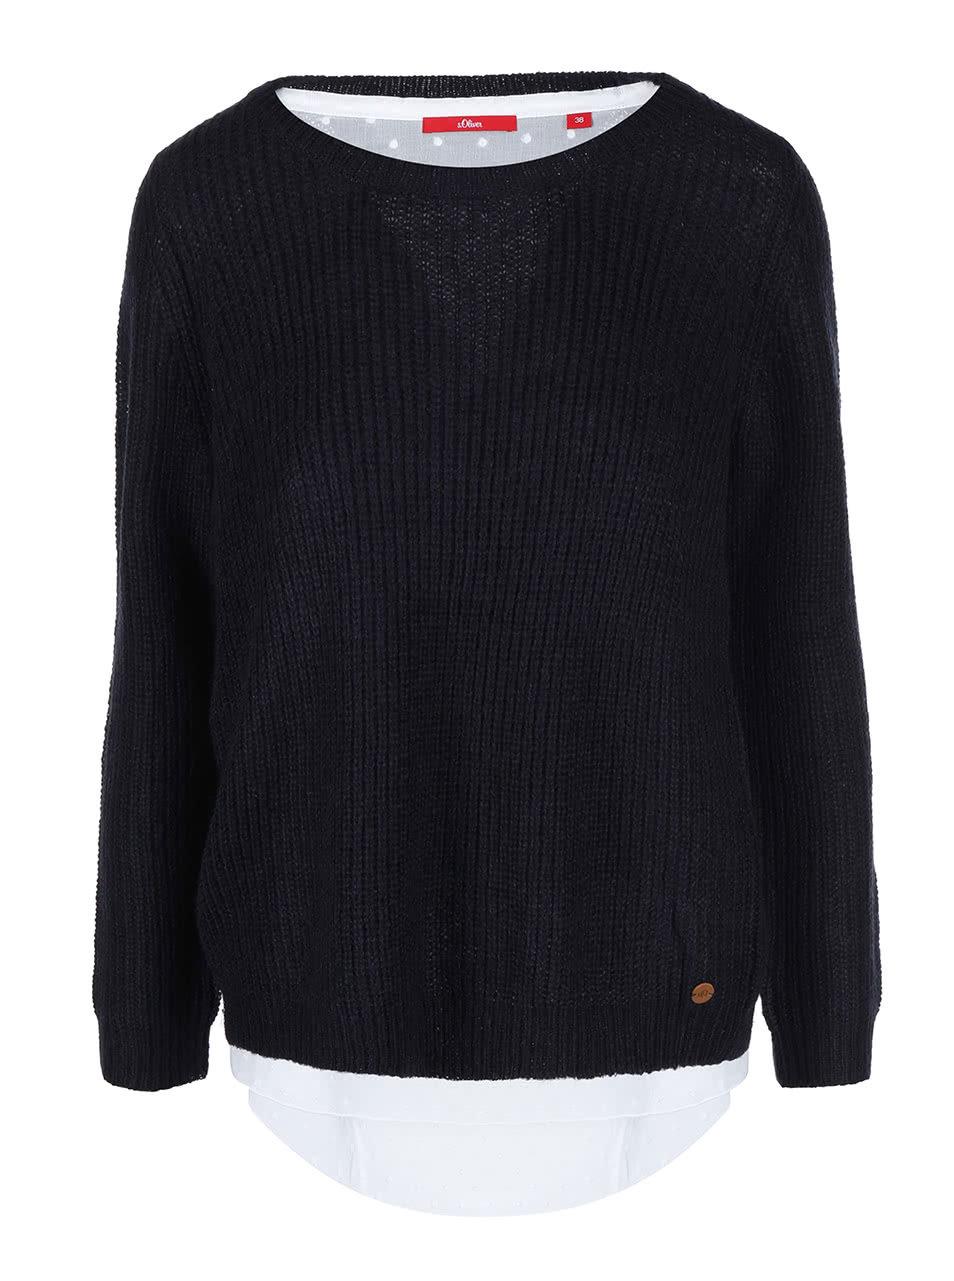 Tmavě modrý dámský svetr s všitou bílou halenkou s.Oliver  6103cba44f